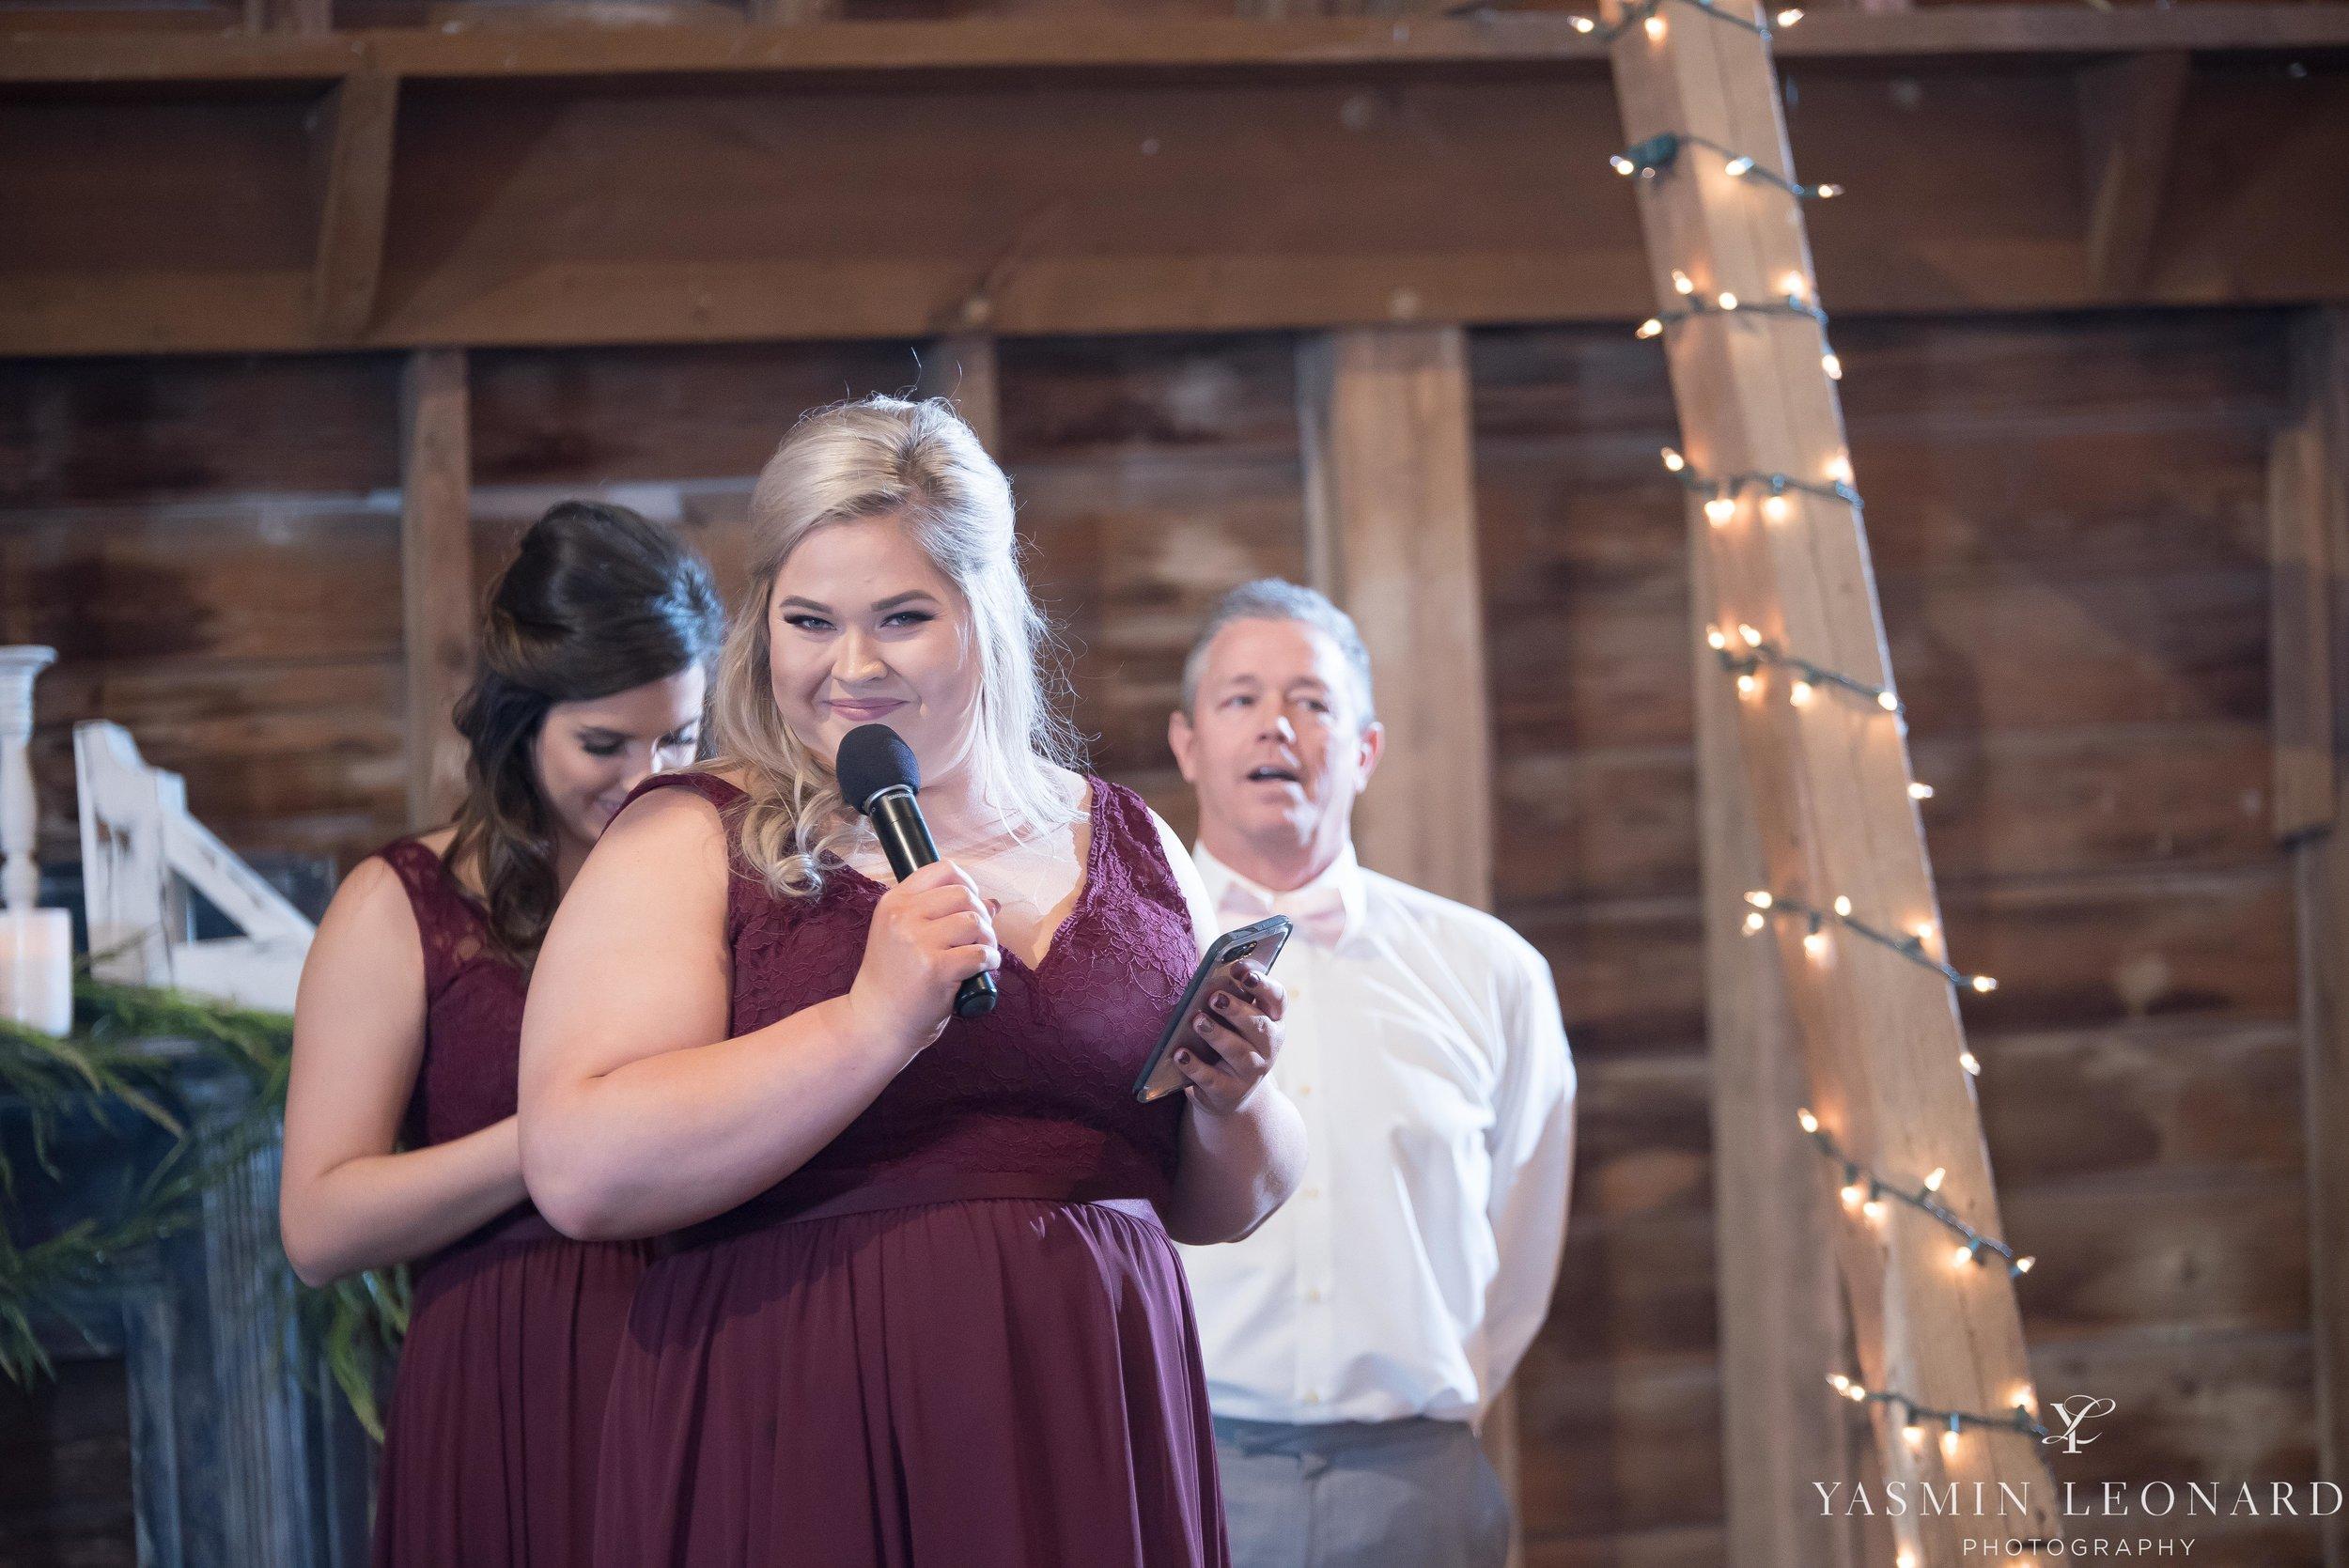 Millikan Farms - Millikan Farms Wedding - Sophia NC Wedding - NC Wedding - NC Wedding Photographer - Yasmin Leonard Photography - High Point Photographer - Barn Wedding - Wedding Venues in NC - Triad Wedding Photographer-71.jpg